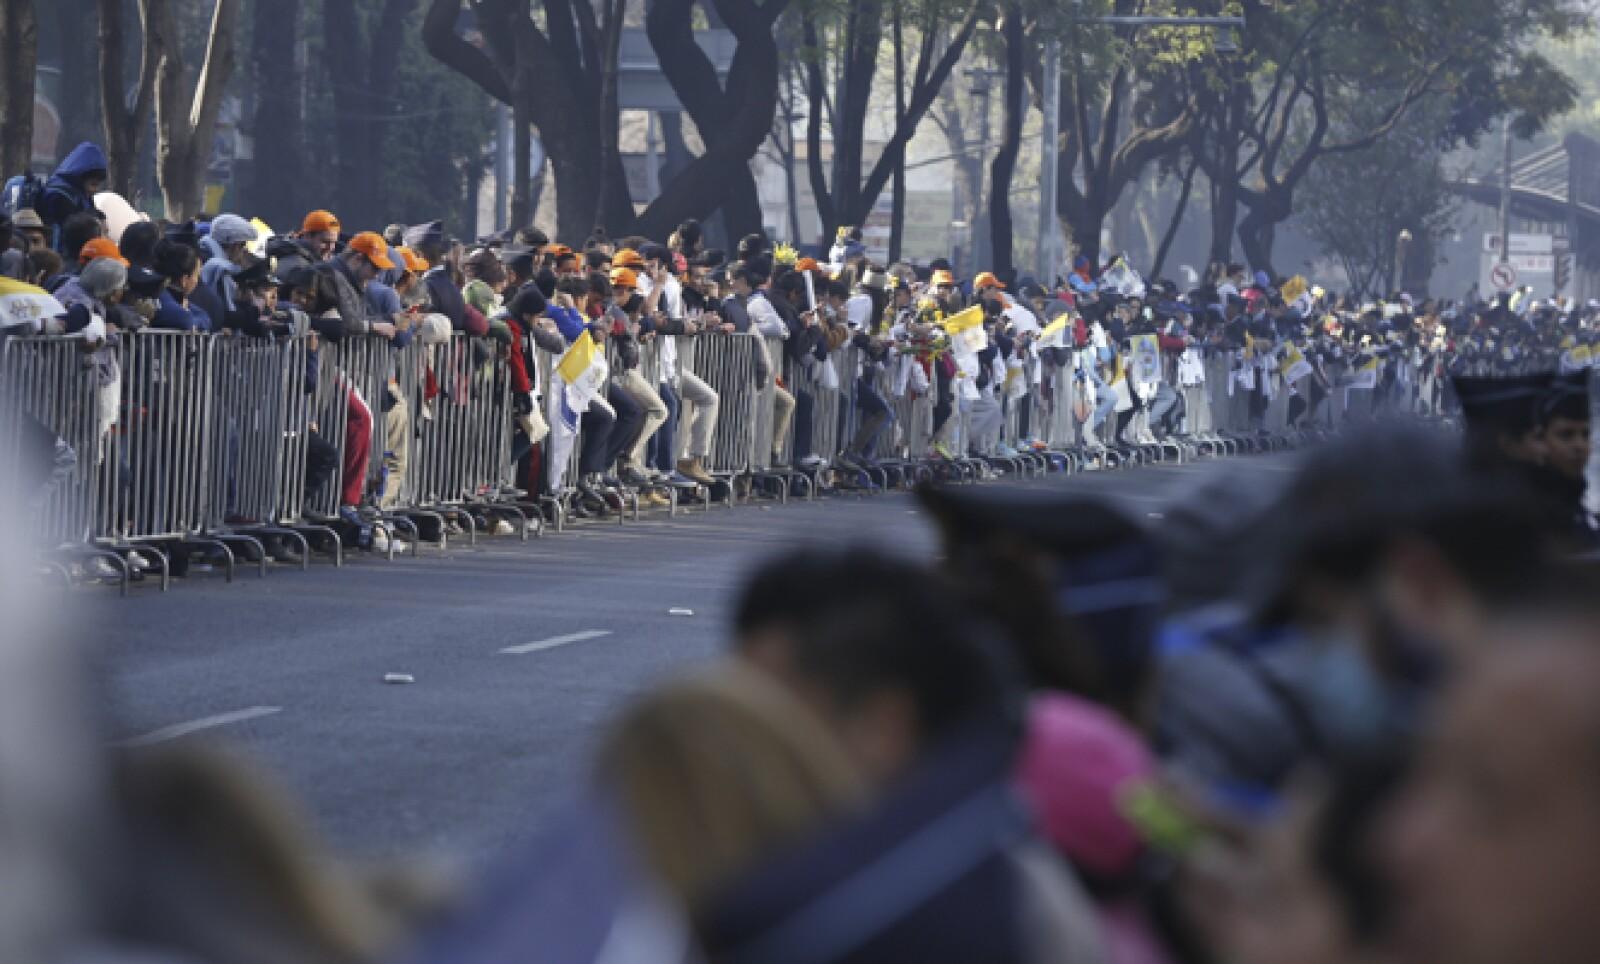 El pontífice saludó desde el papamóvil a los fieles que se dieron cita para verlo antes de su viaje a Ecatepec este domingo.